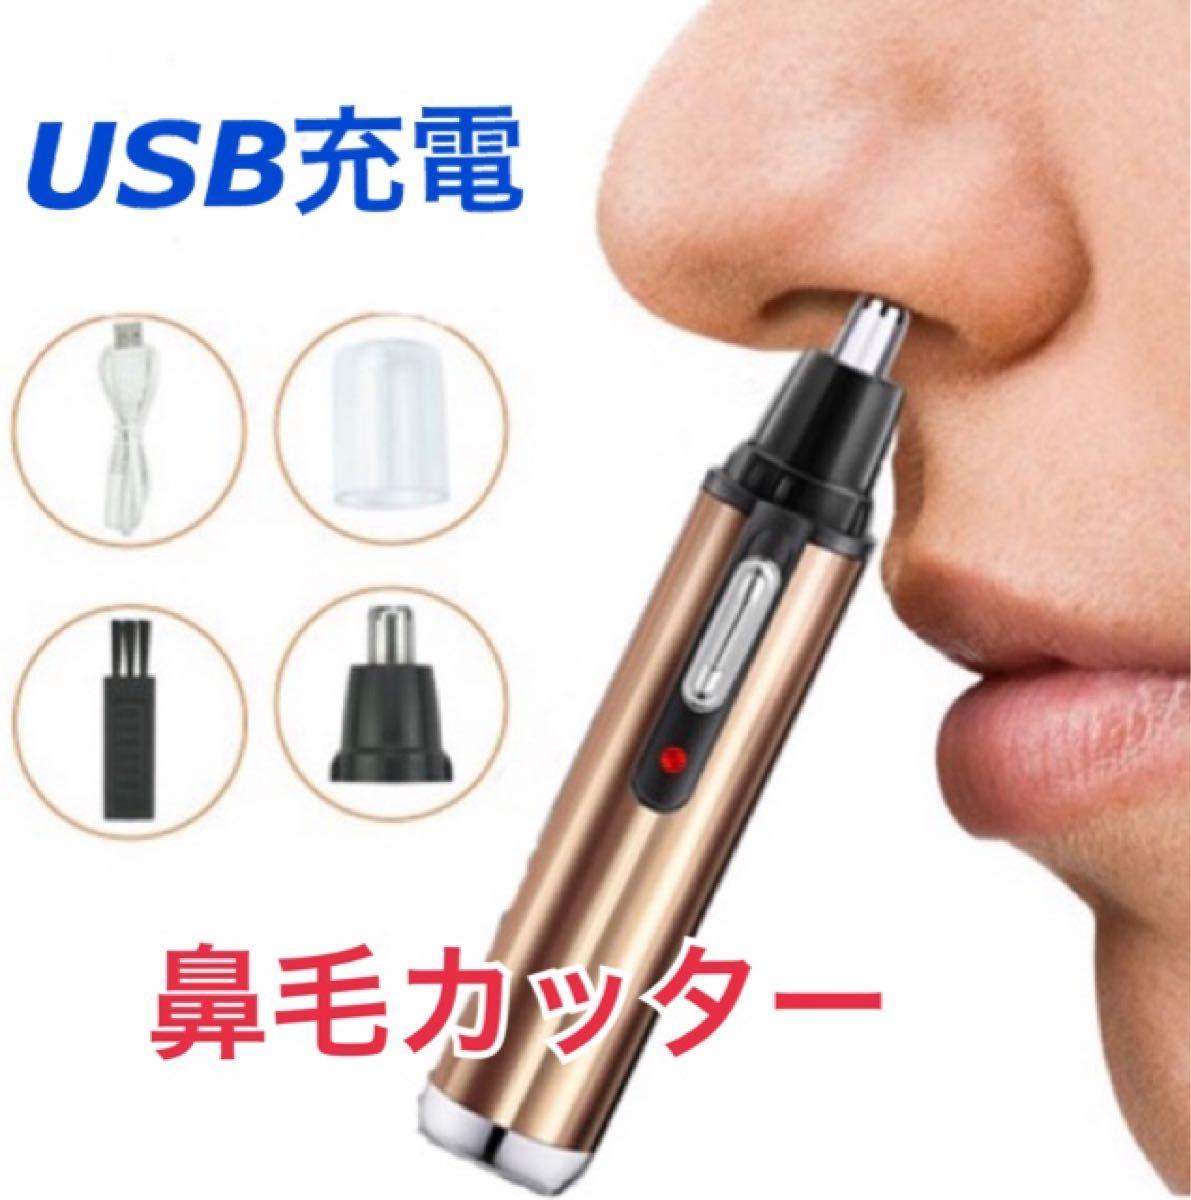 特価 鼻毛カッター 耳毛カッター USB充電式 水洗い可能 小型 ゴールド